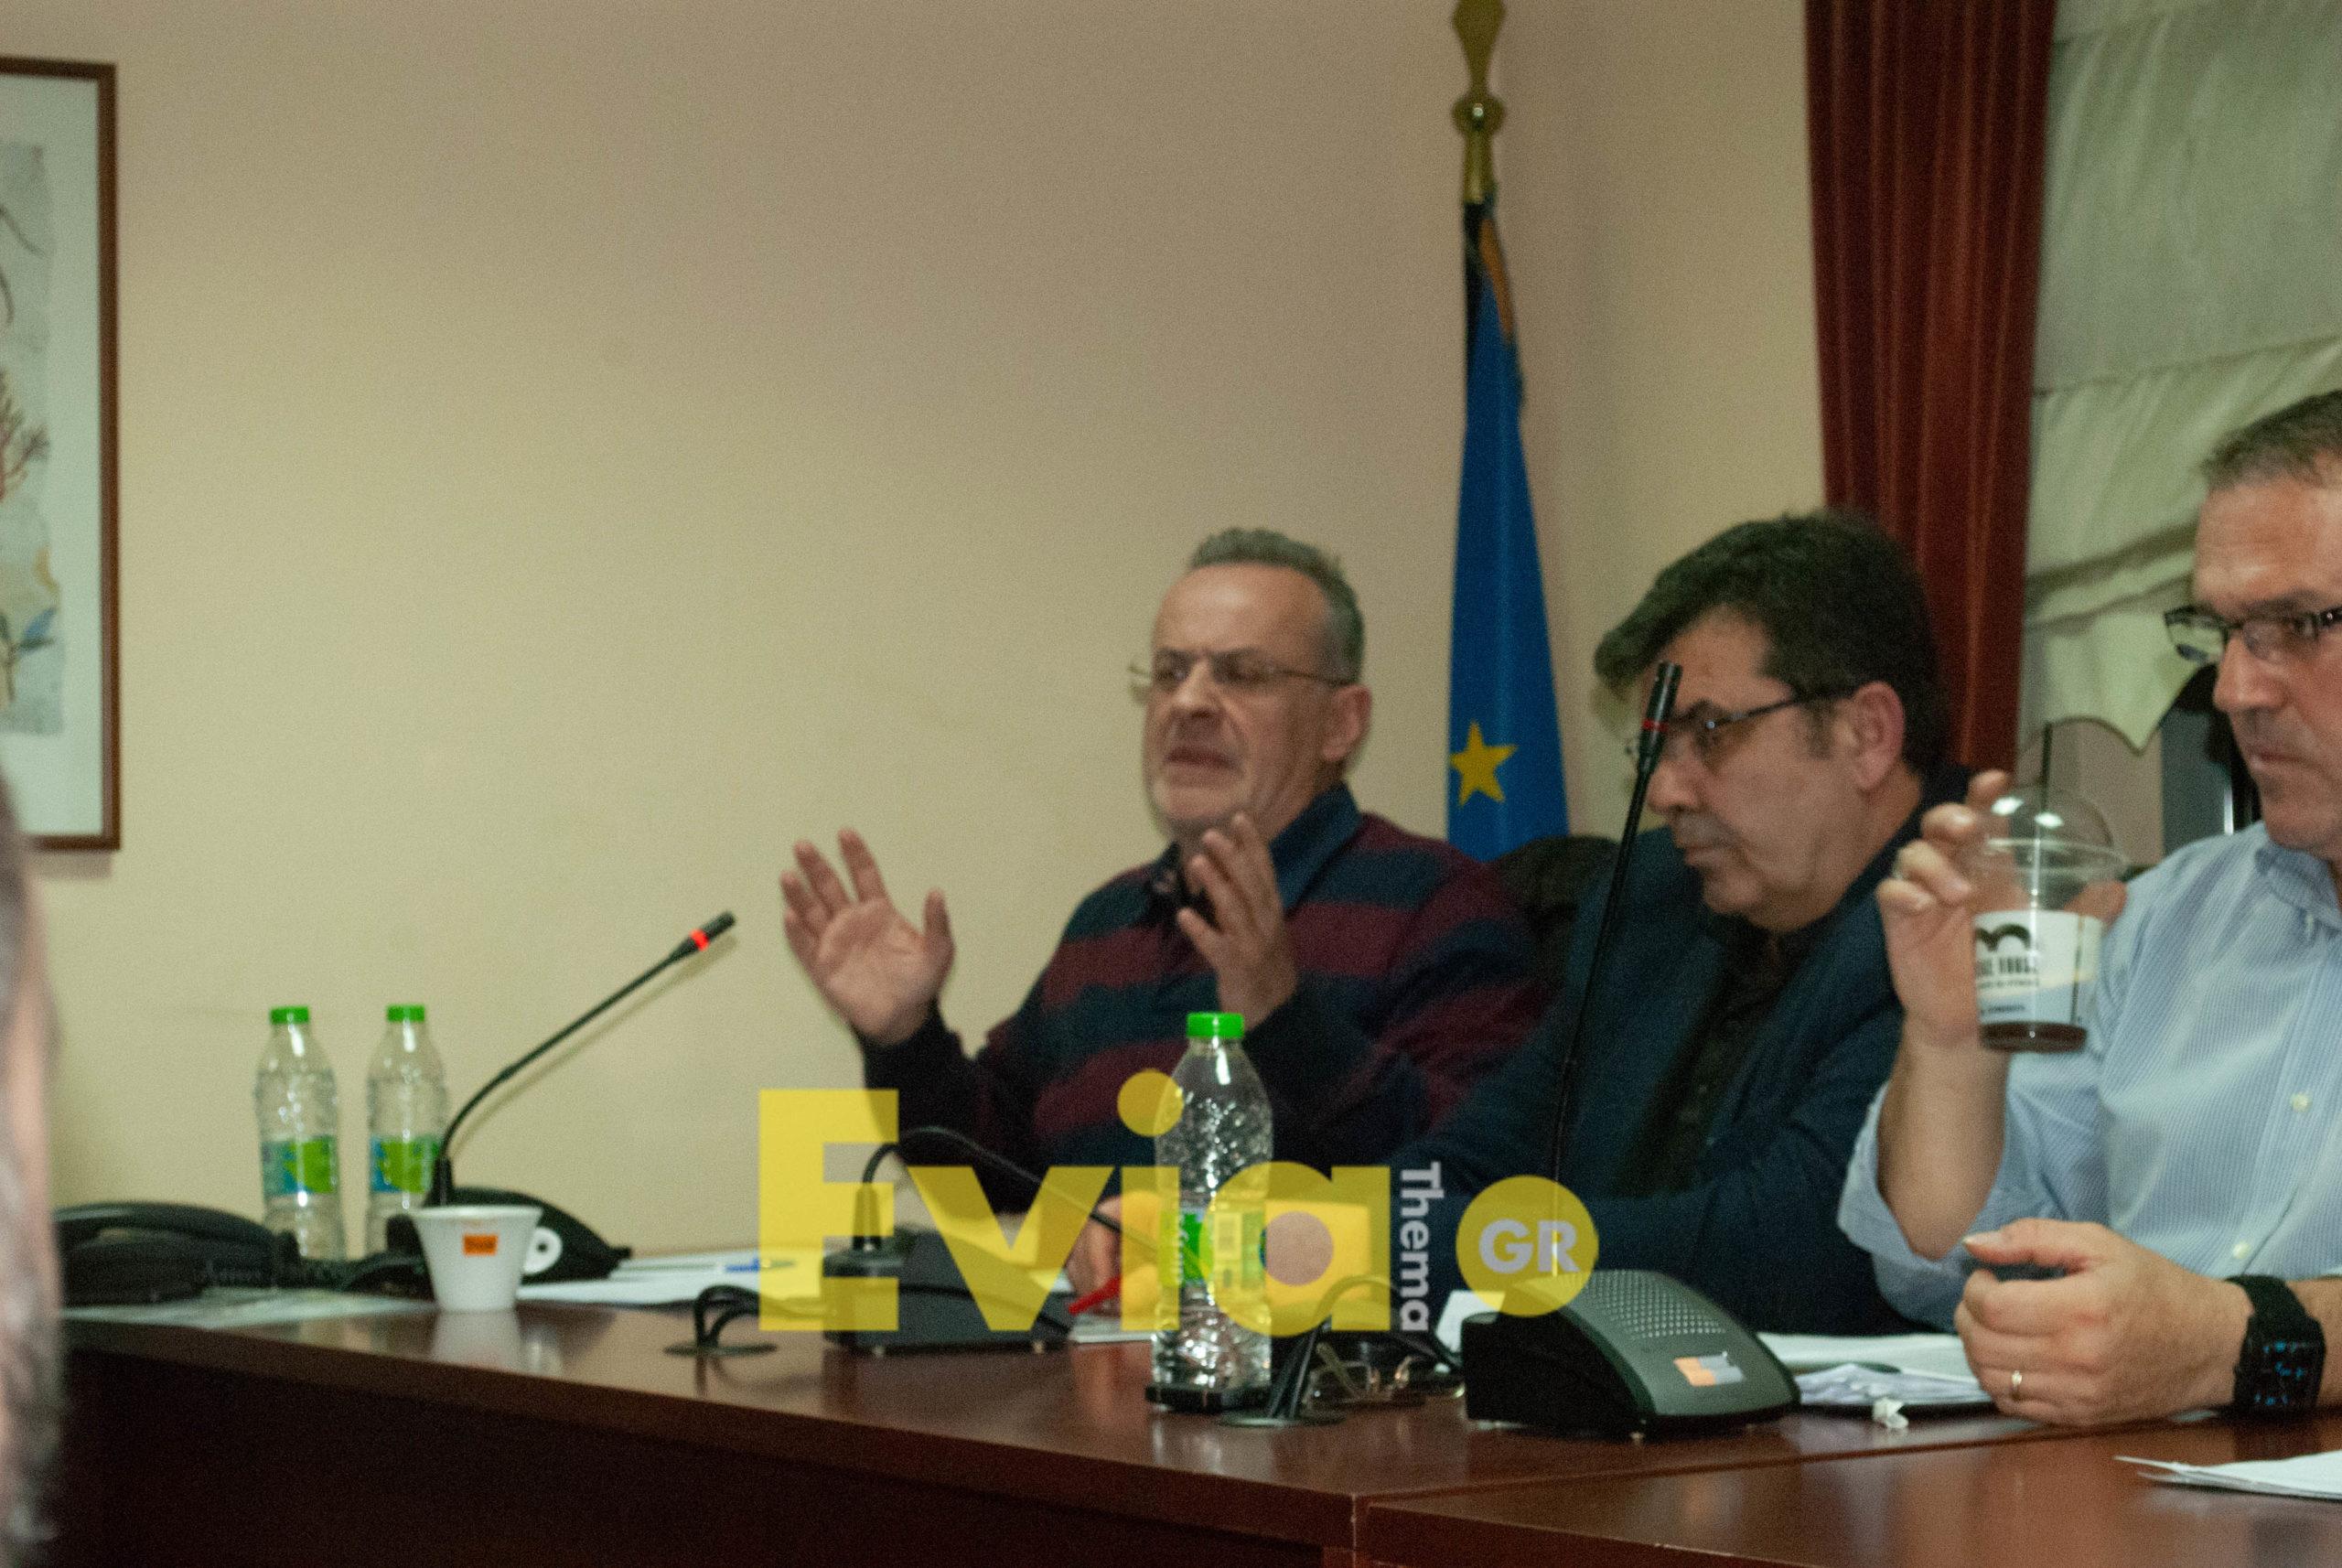 Ζεμπίλης, Χατζηγιαννάκης, Αποστόλου, Κελαϊδίτης στο Δημοτικό Συμβούλιο για το θέμα της Λάρκο Ζεμπίλης, Χατζηγιαννάκης, Αποστόλου, Κελαϊδίτης στο Δημοτικό Συμβούλιο για το θέμα της Λάρκο DSC 0303 scaled